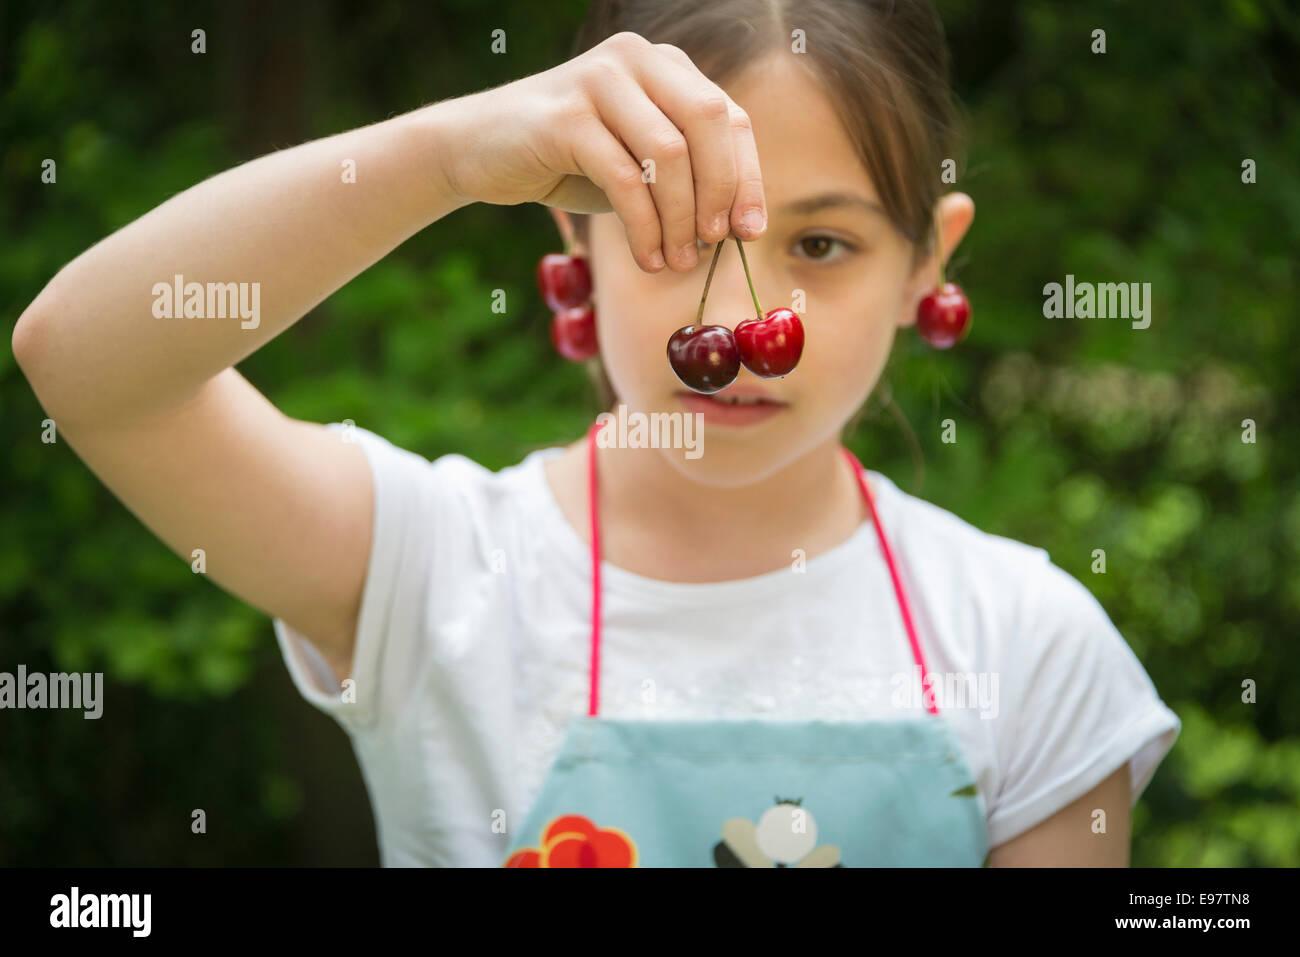 Ragazza con ciliegie penzolante dal suo orecchio Immagini Stock